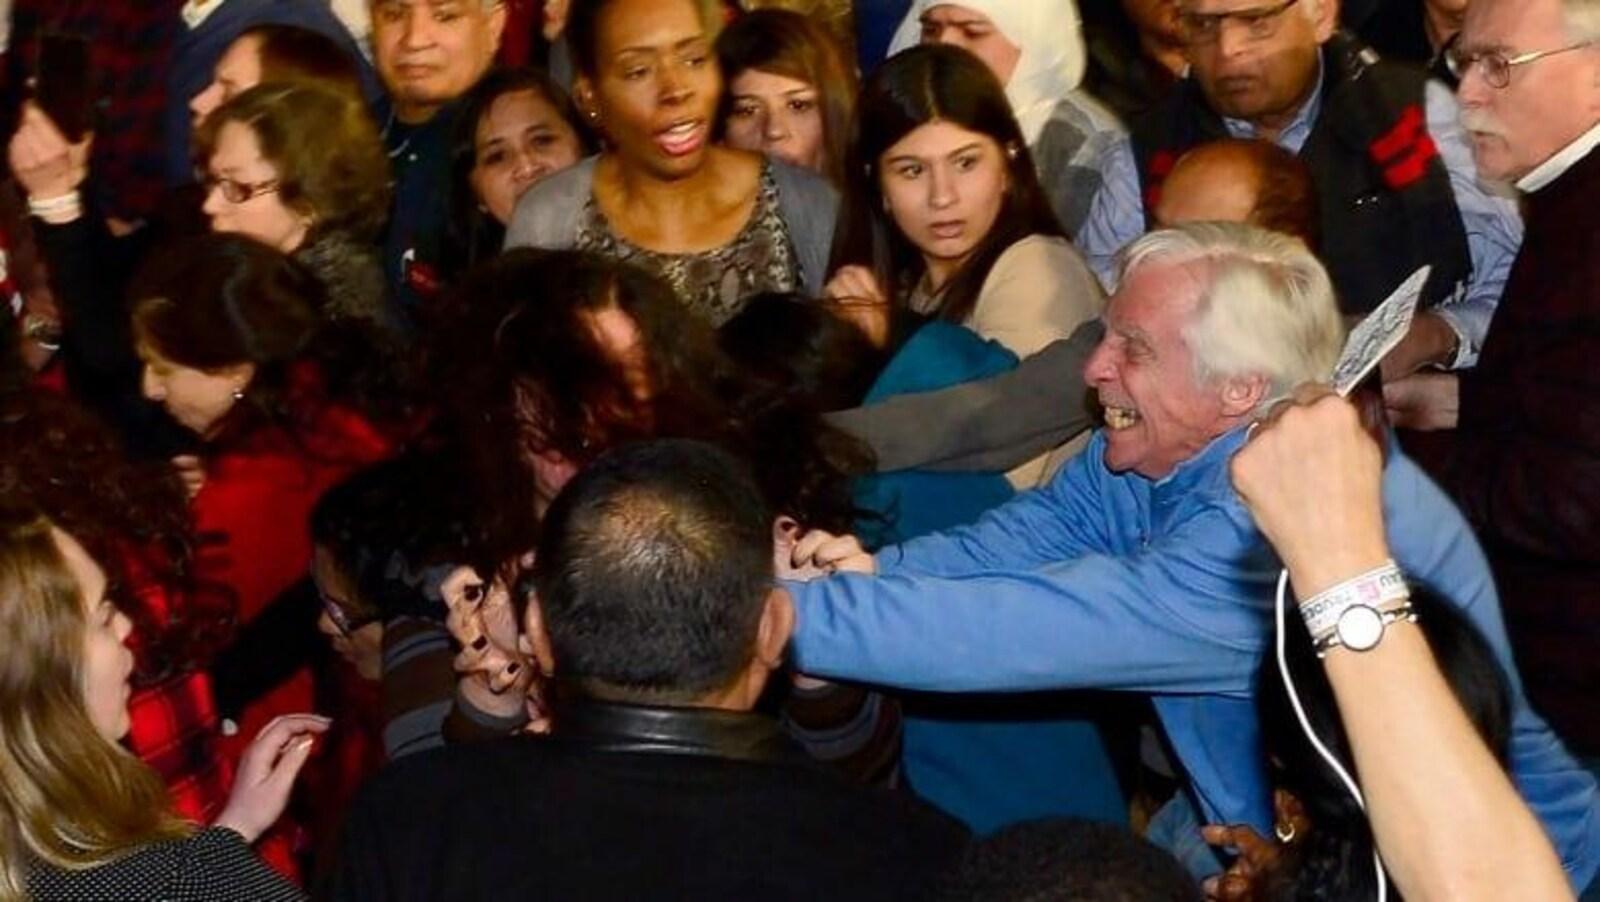 L'homme, à droite, semble attaquer une jeune femme autochtone, au centre, lors d'un rassemblement du Parti libéral du Canada, à Toronto le 4 mars dernier.